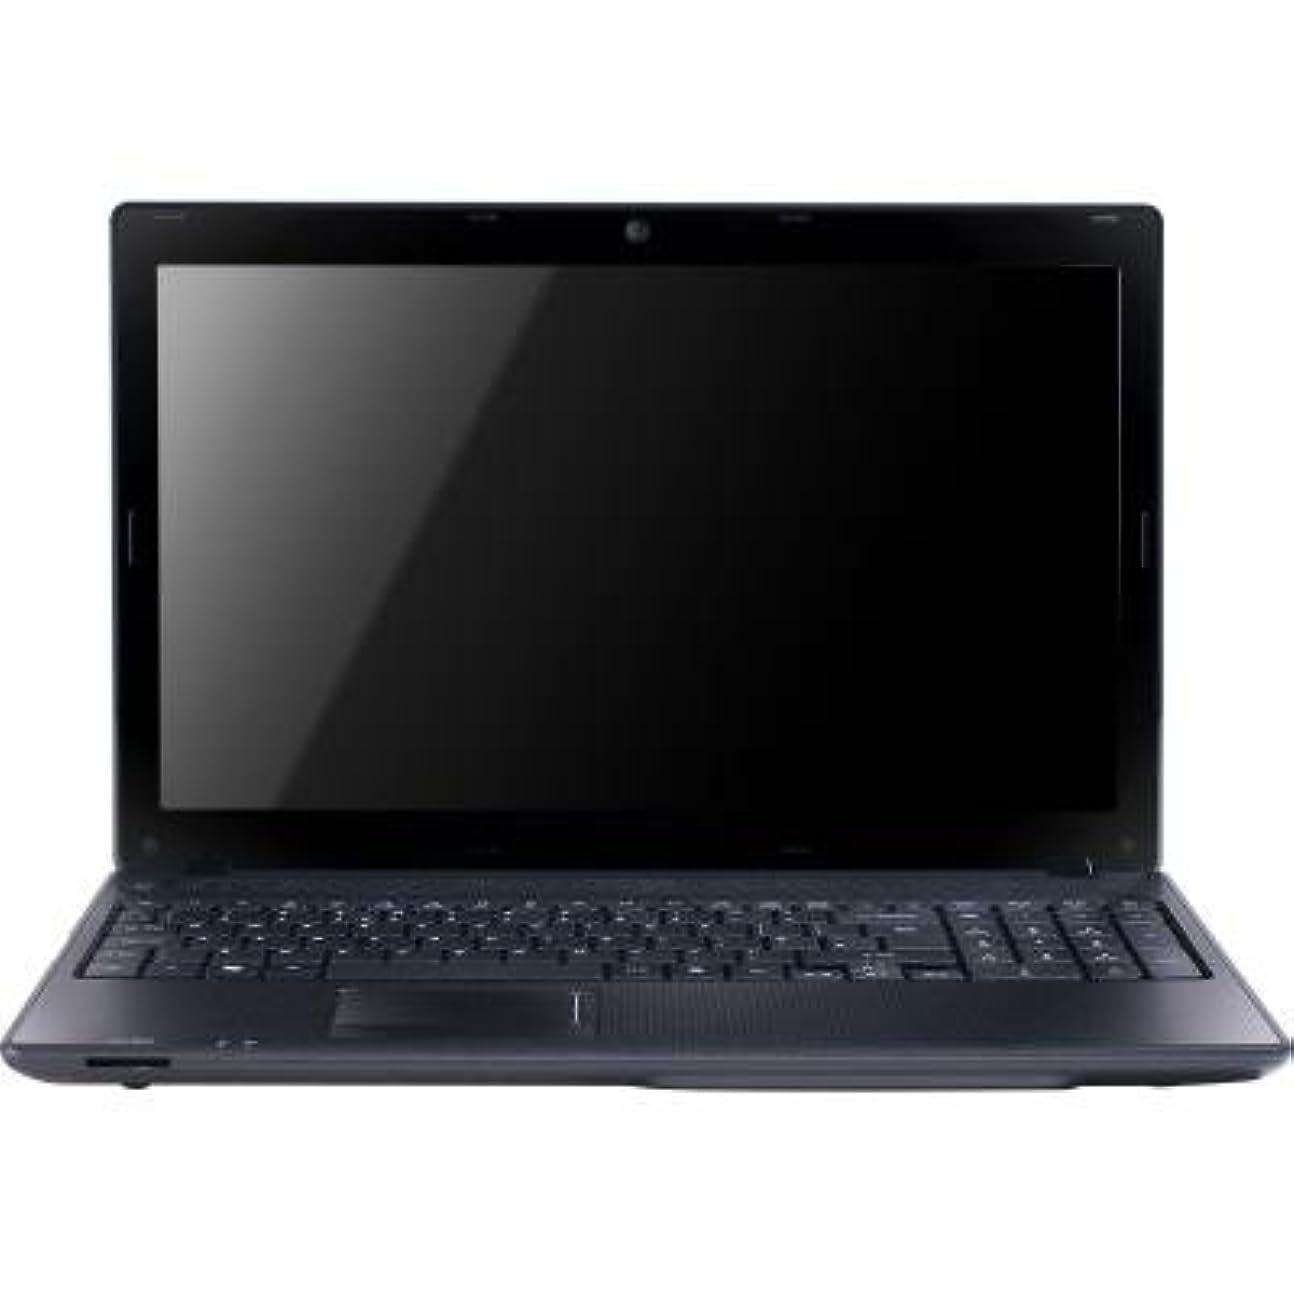 徒歩でにぎやか軽Acer Aspire 5742-6838 15.6\' Notebook - Intel Core i5-460M(US Version, Imported)